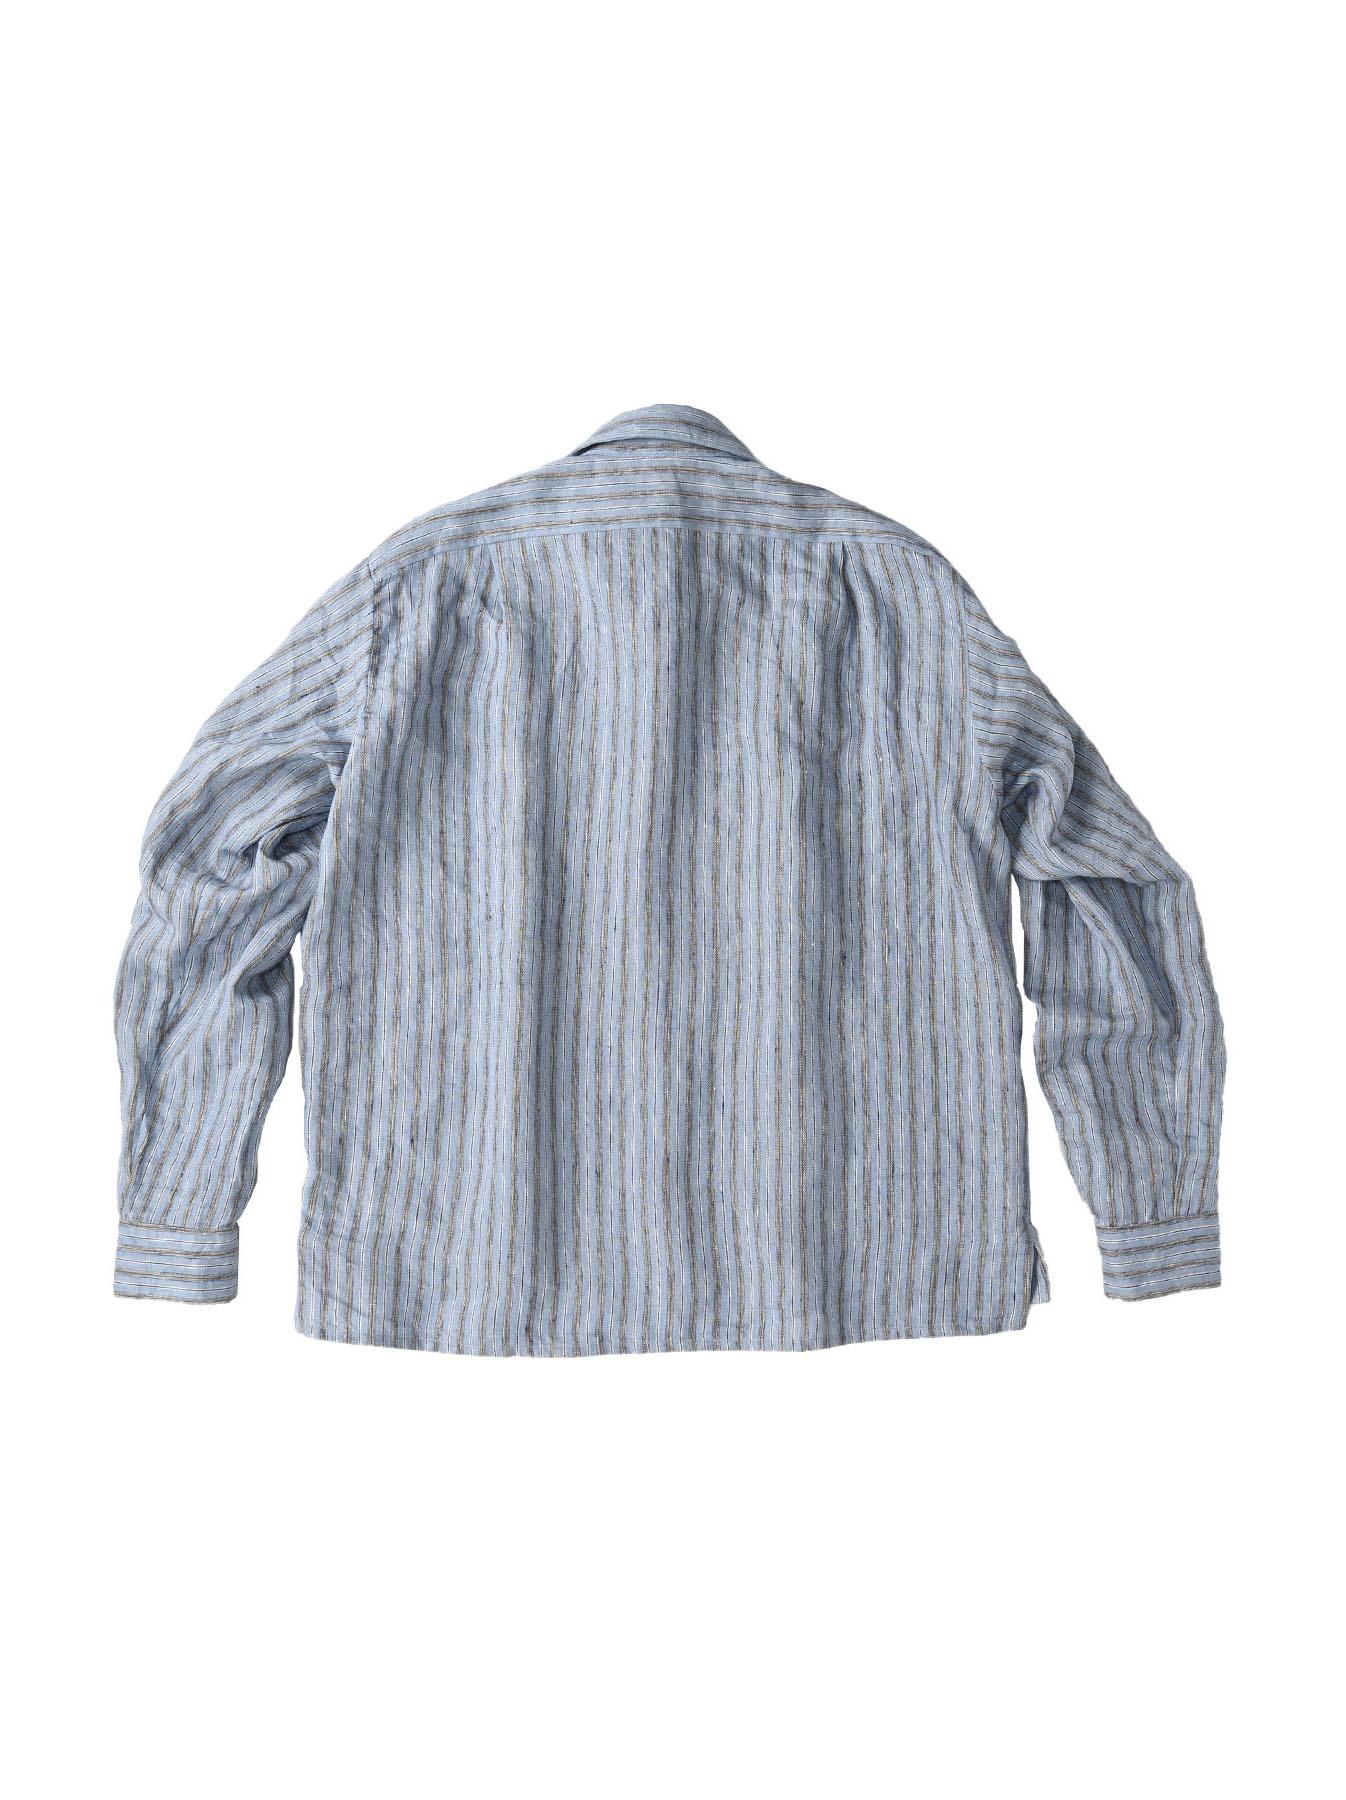 Indian Linen Twill 908 Shirt (0621)-12